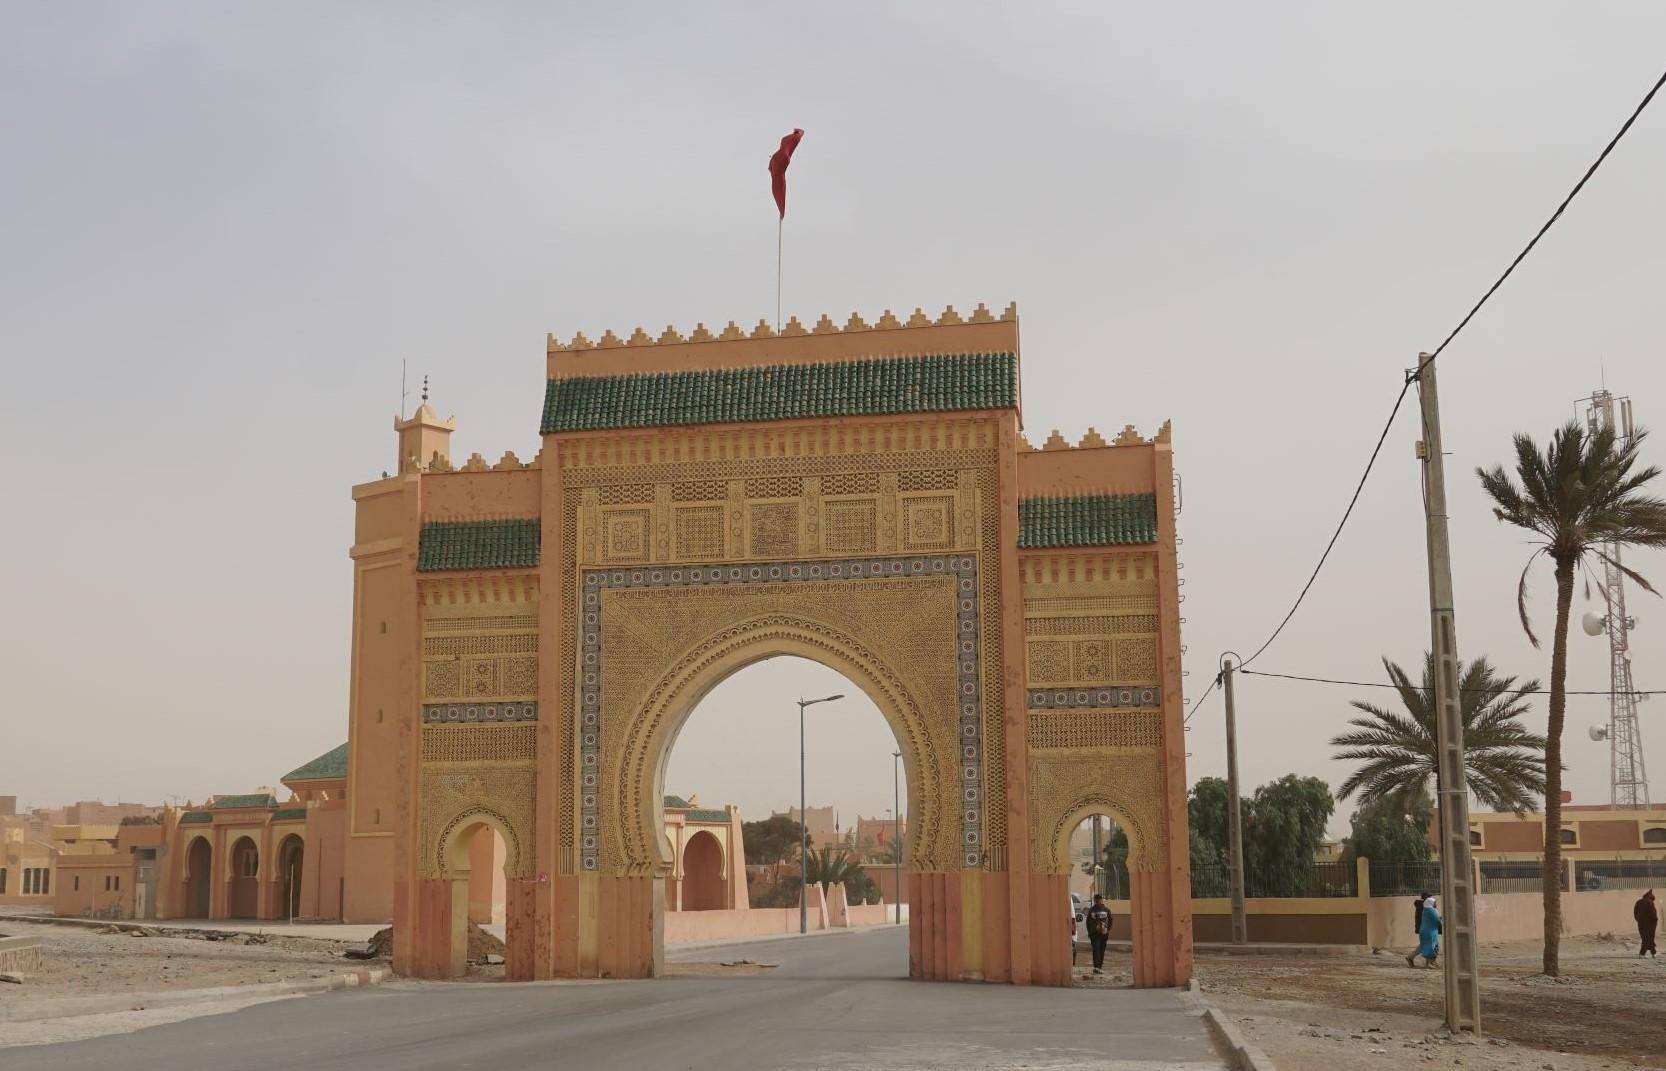 進了城門就是沙漠小鎮里薩尼 (Rissani)